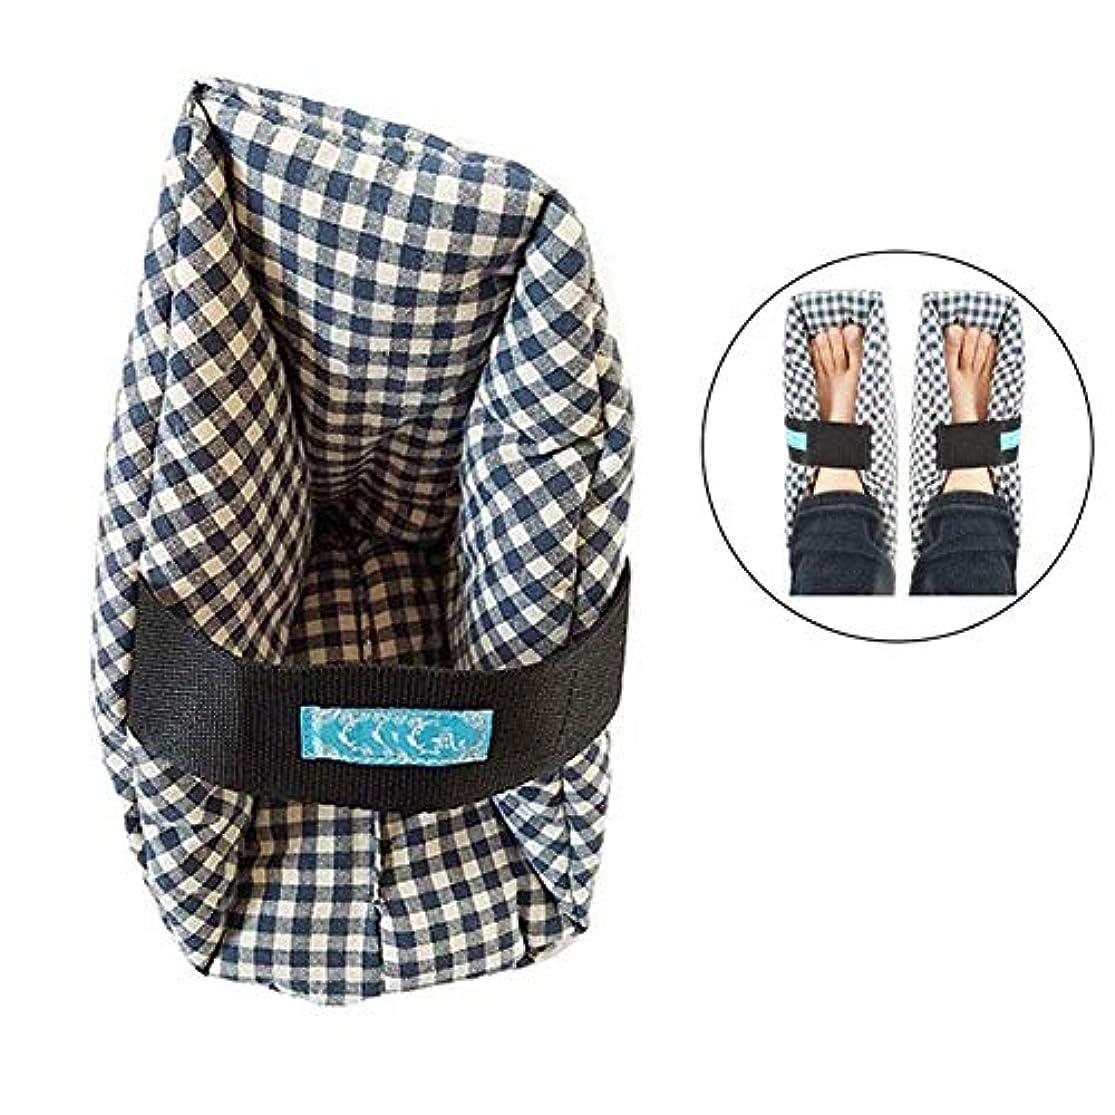 希少性検出可能子供時代ヒールクッションプロテクター 高弾性スポンジ充填足サポート枕、Heおよびかかと潰瘍の救済用,Xl